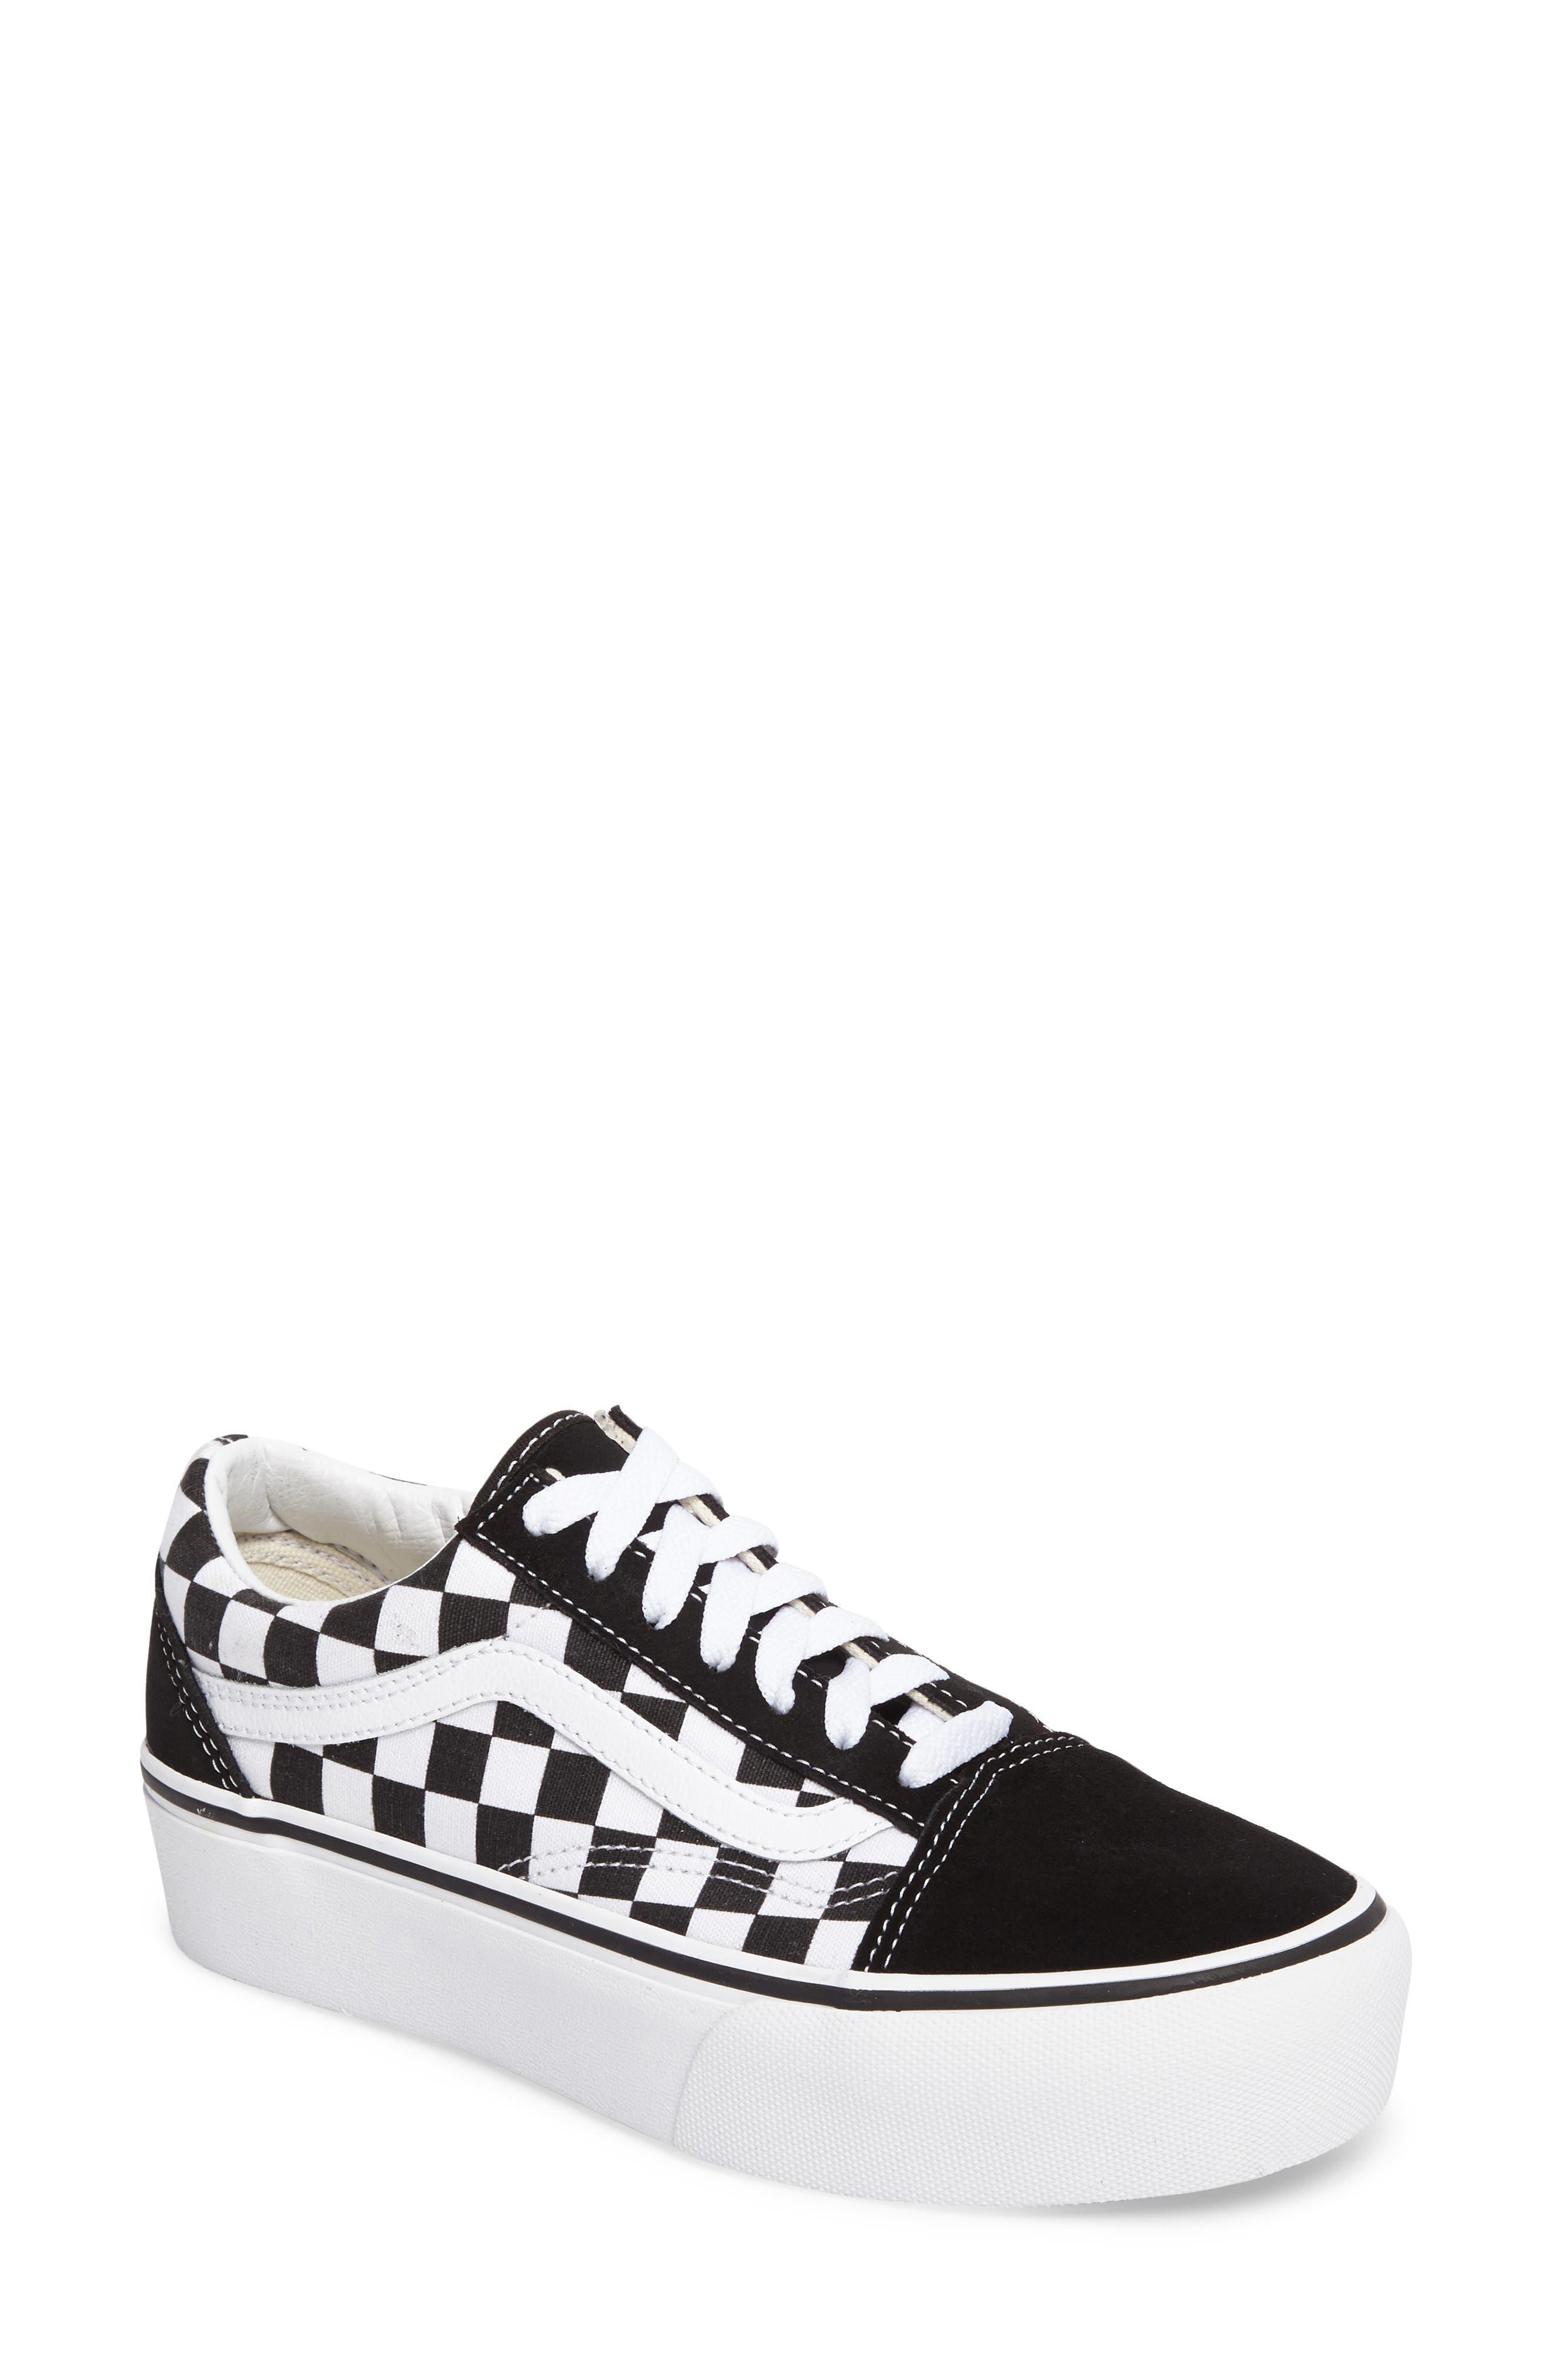 Alternate Image 1 Selected - Vans Old Skool Platform Sneaker (Women)